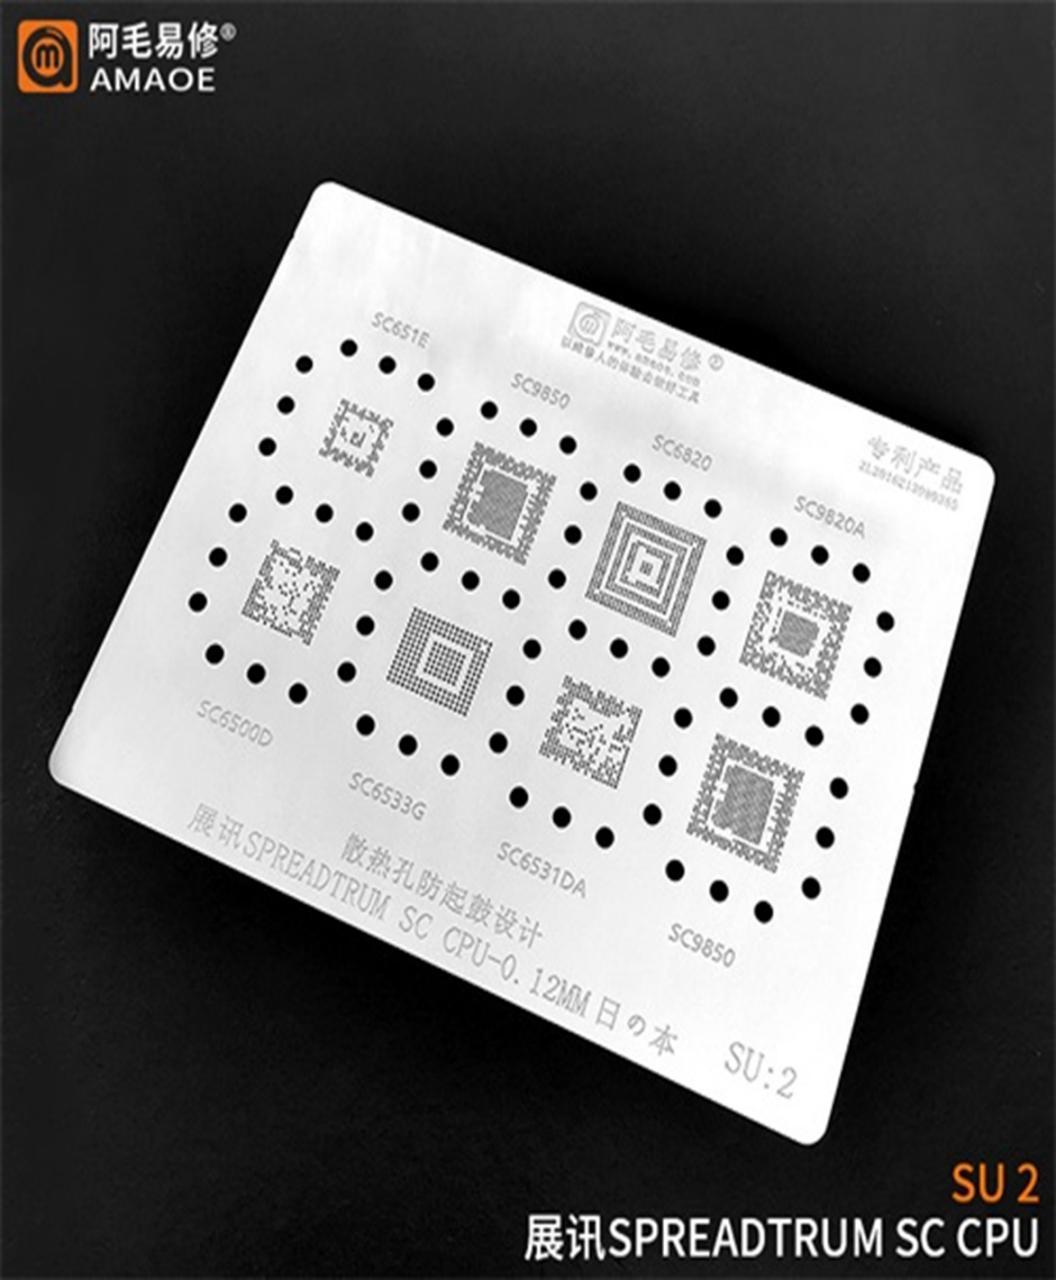 مجموعه شابلون های CPU سری SPD برند AMAOE